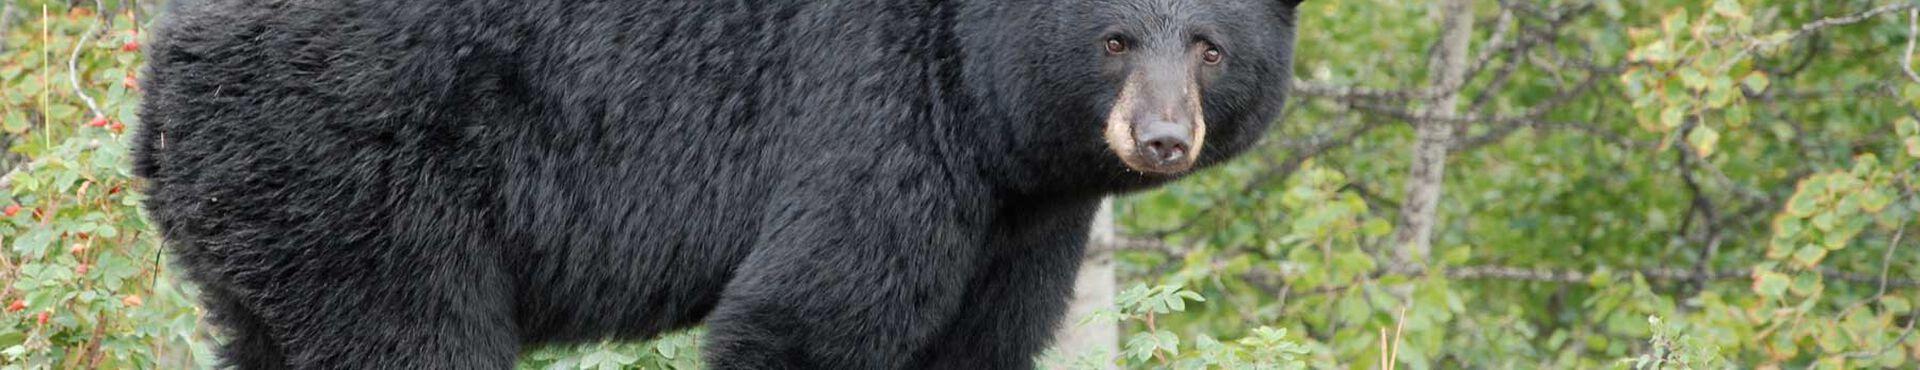 Banner - Revelstoke Bear Aware